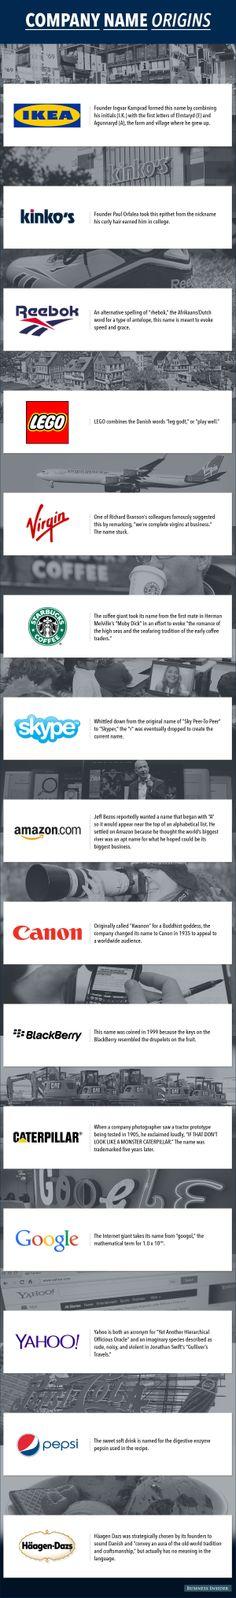 Wo die Namen von Firmen herkommen #infografik